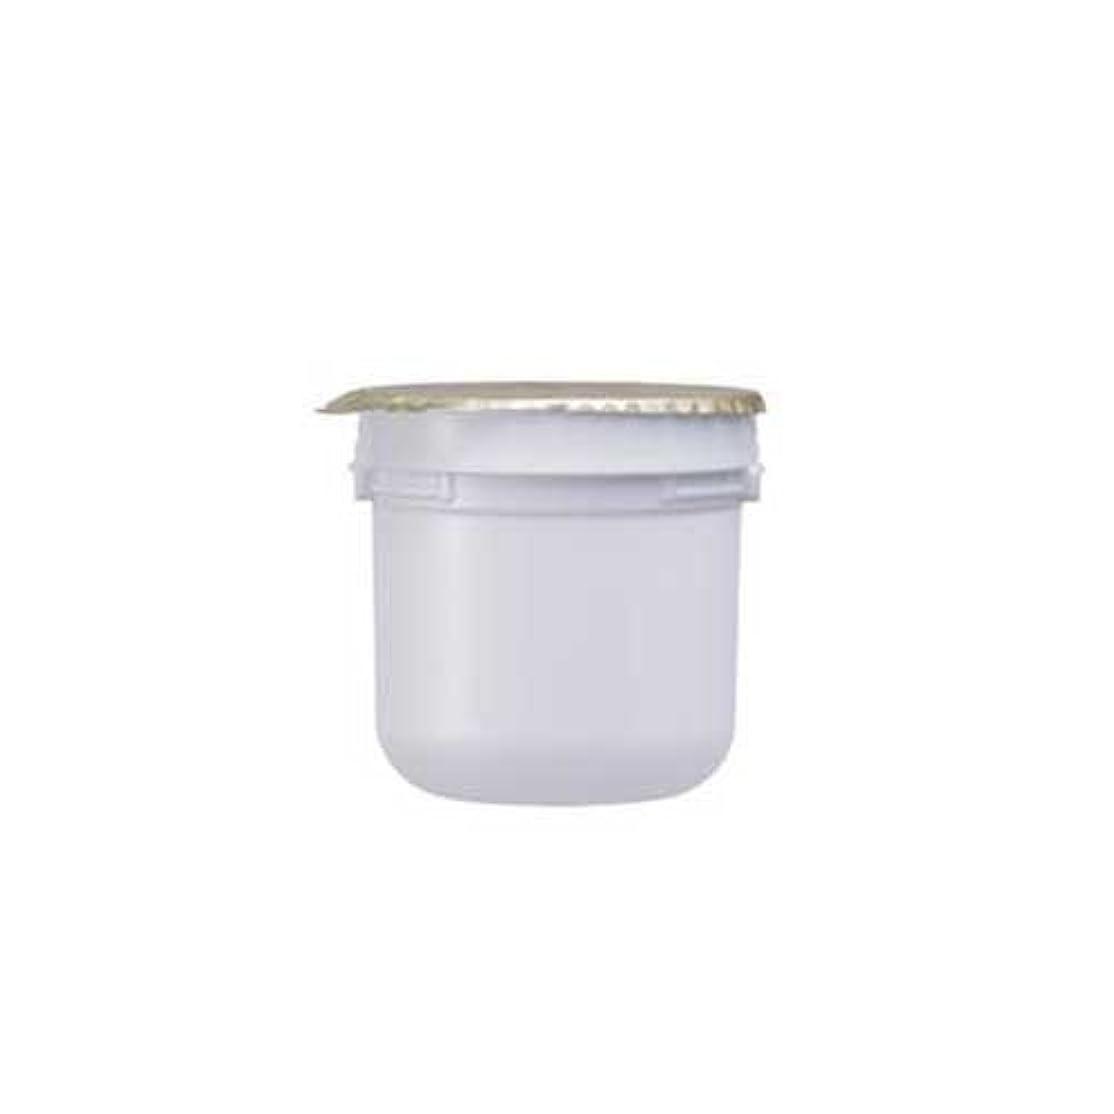 発生切る斧ASTALIFT(アスタリフト) ホワイト クリーム(美白クリーム)レフィル 30g